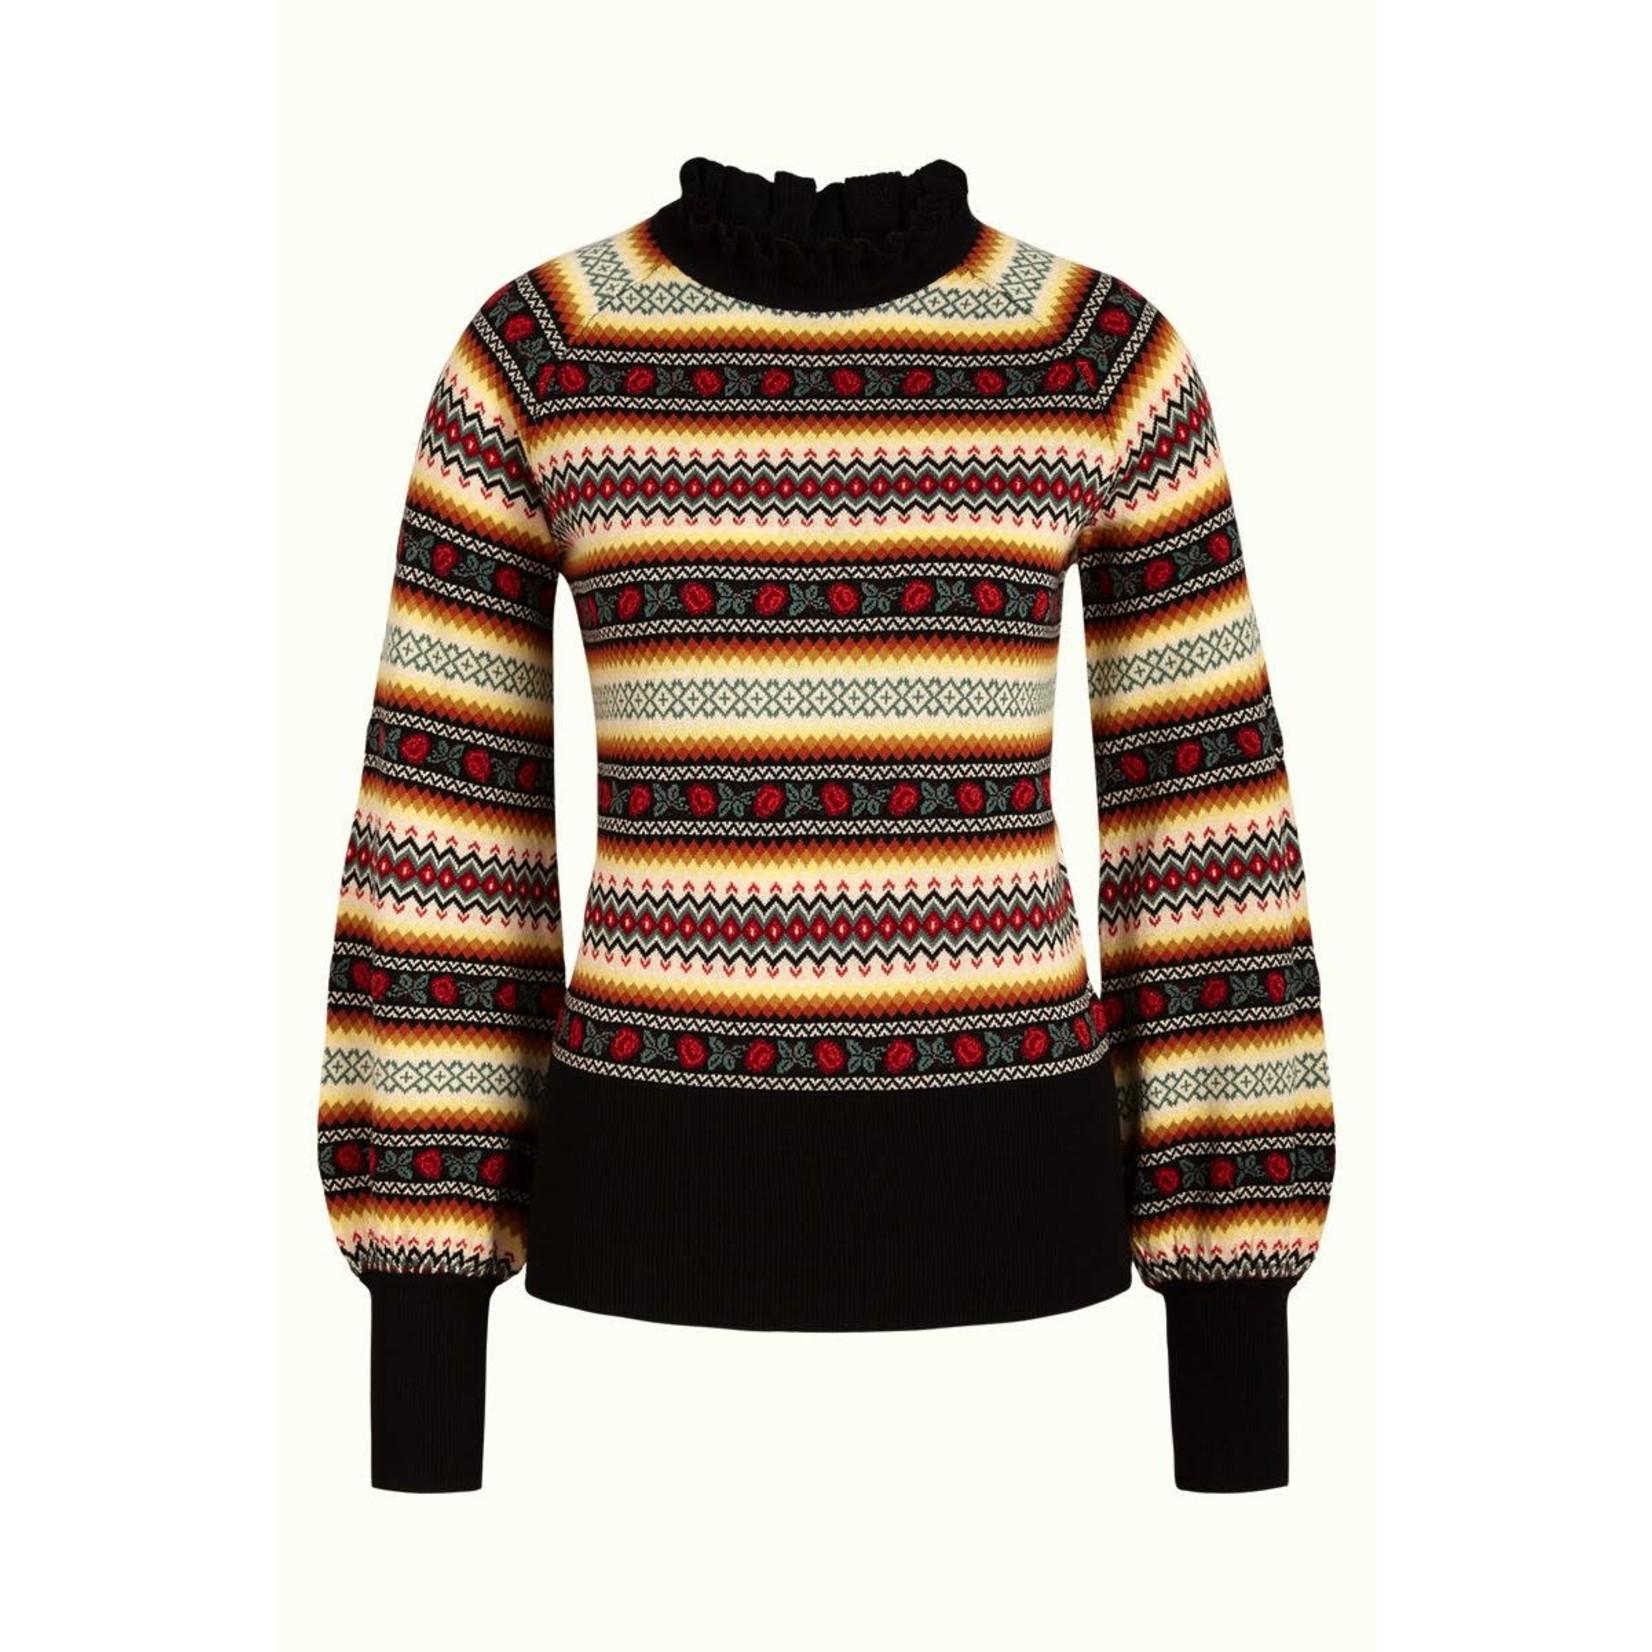 King Louie King Louie Sweater Monty